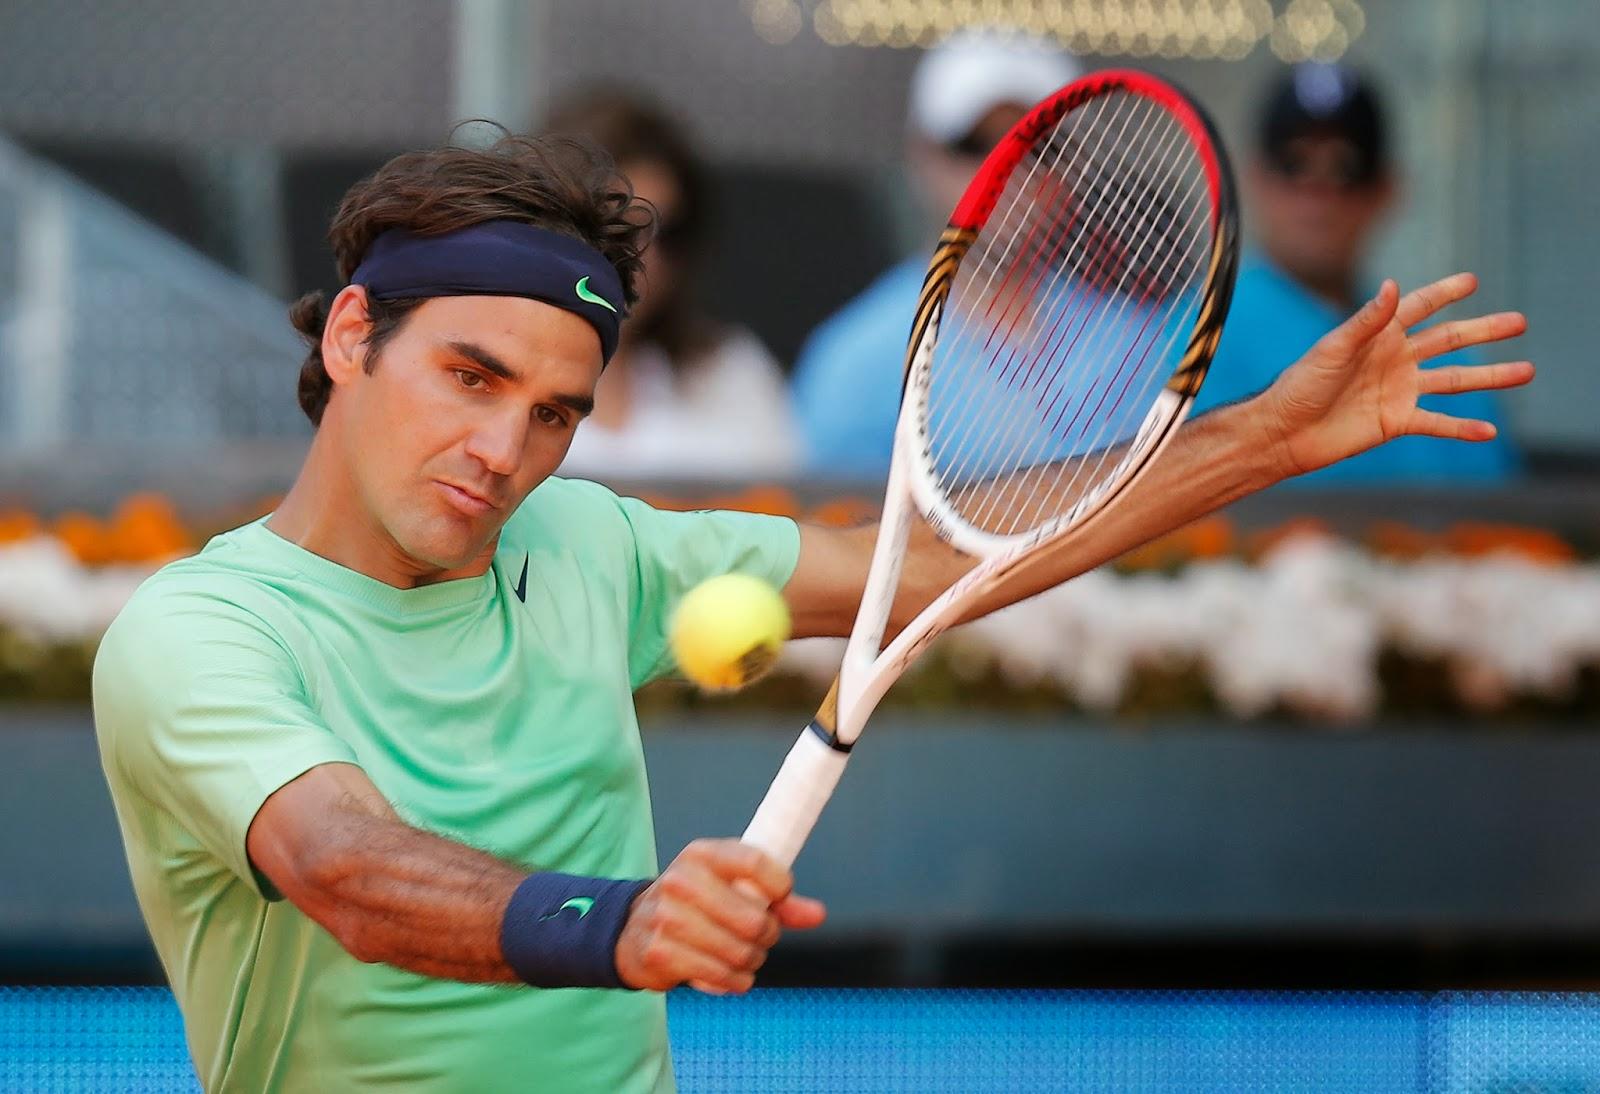 Tennis world roger federer latest hd wallpapers 2013 roger federer wallpaper 2013 voltagebd Image collections